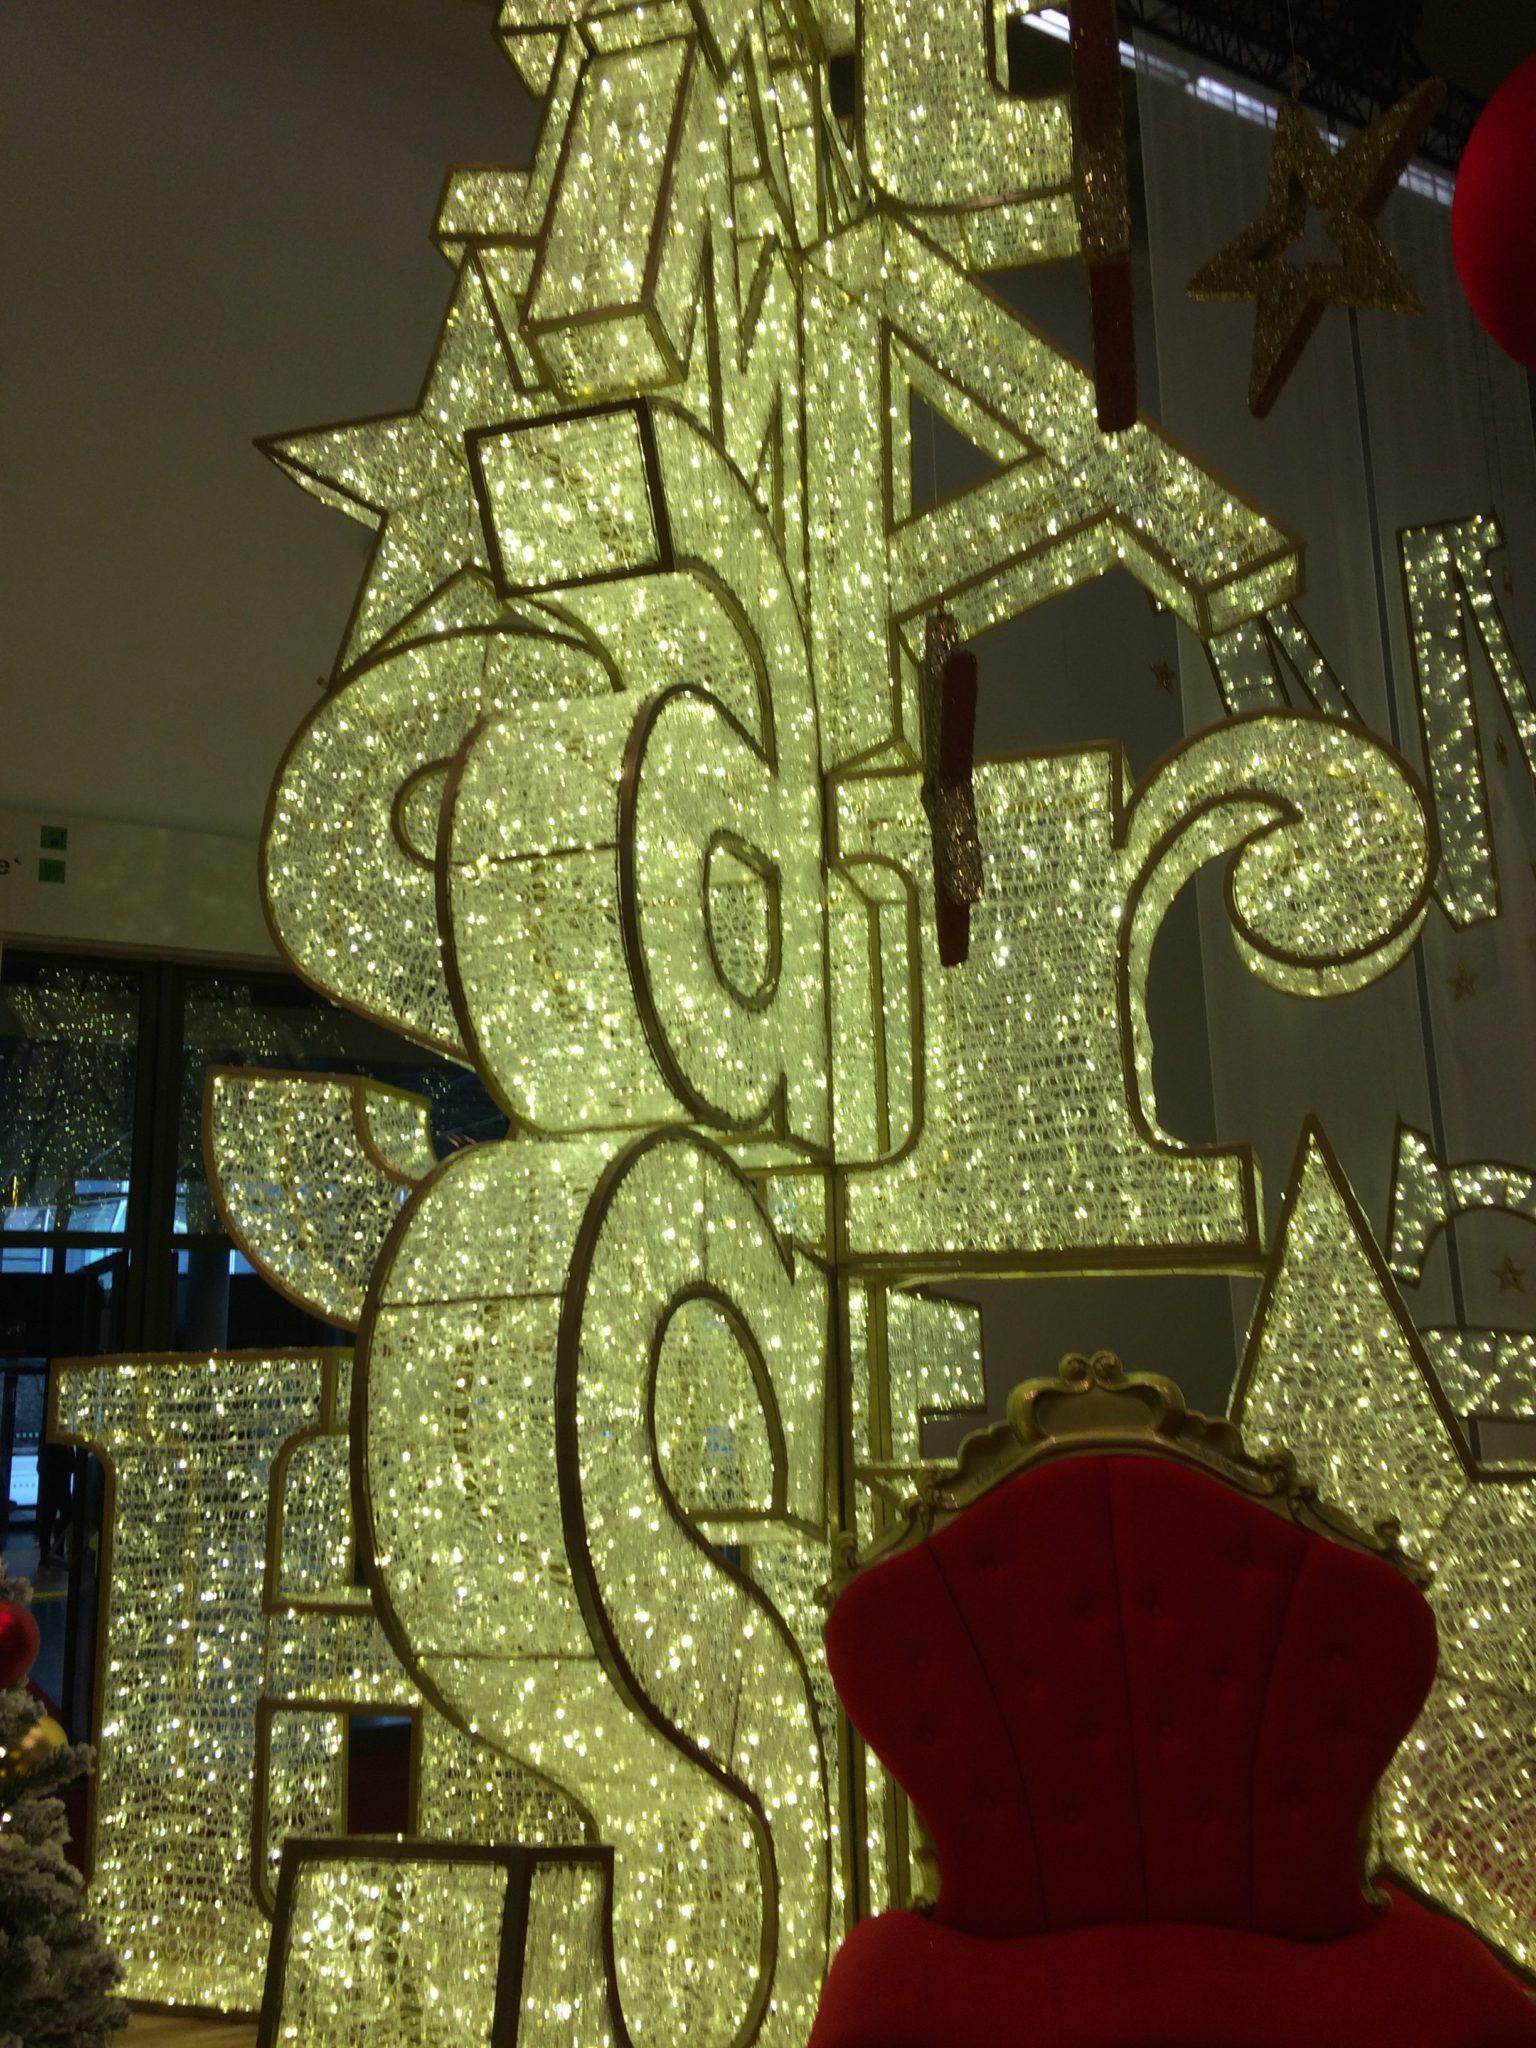 Globall-Concept-ChristmasWorld-Frankfurt-Jan1815 Globall Concept ChristmasWorld Frankfurt Jan18